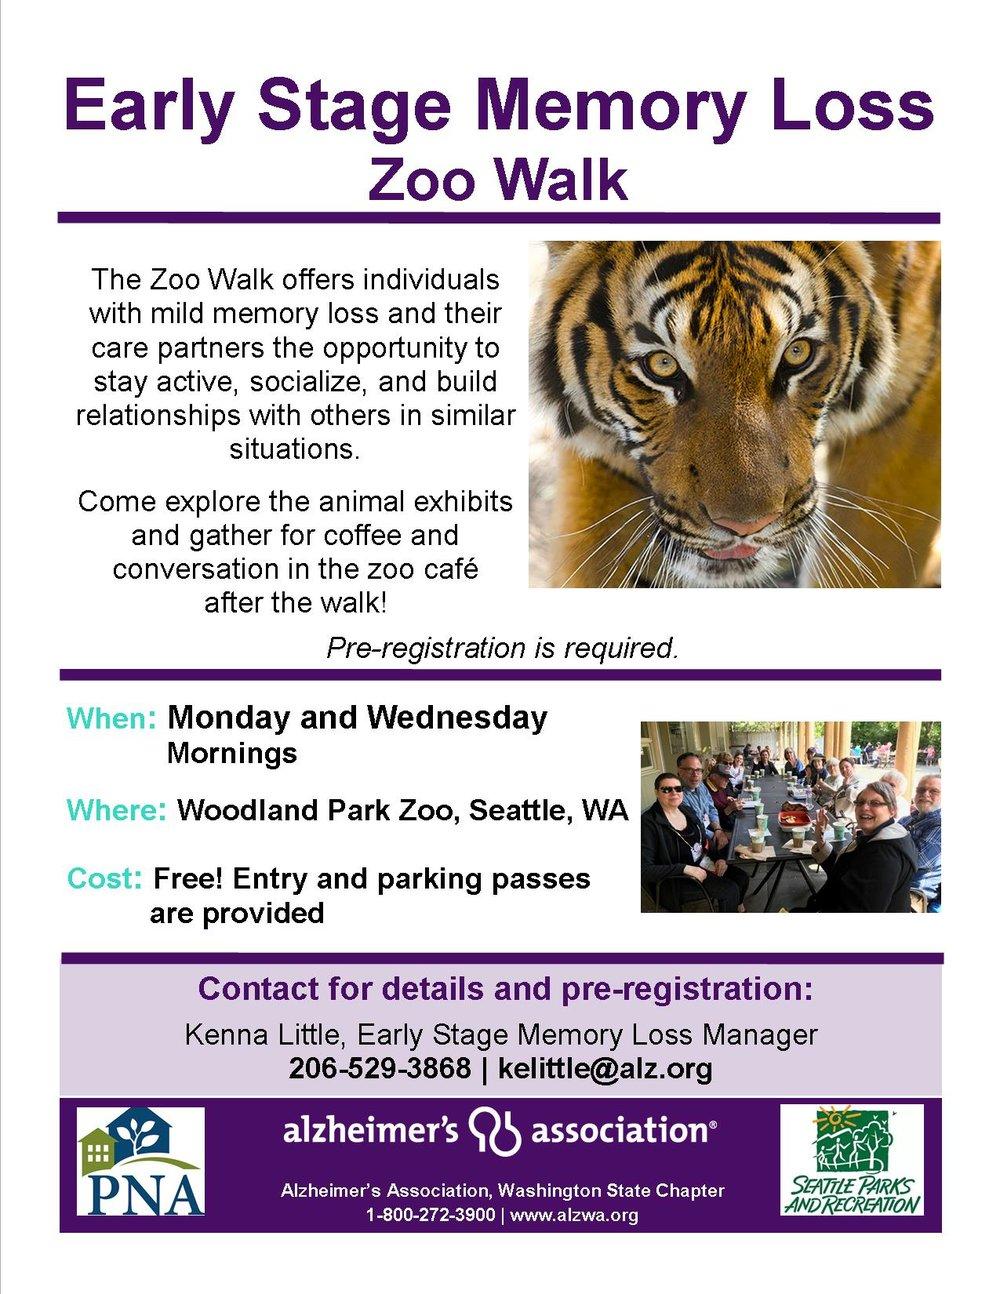 Zoo Walk Flyer-jpg.jpg